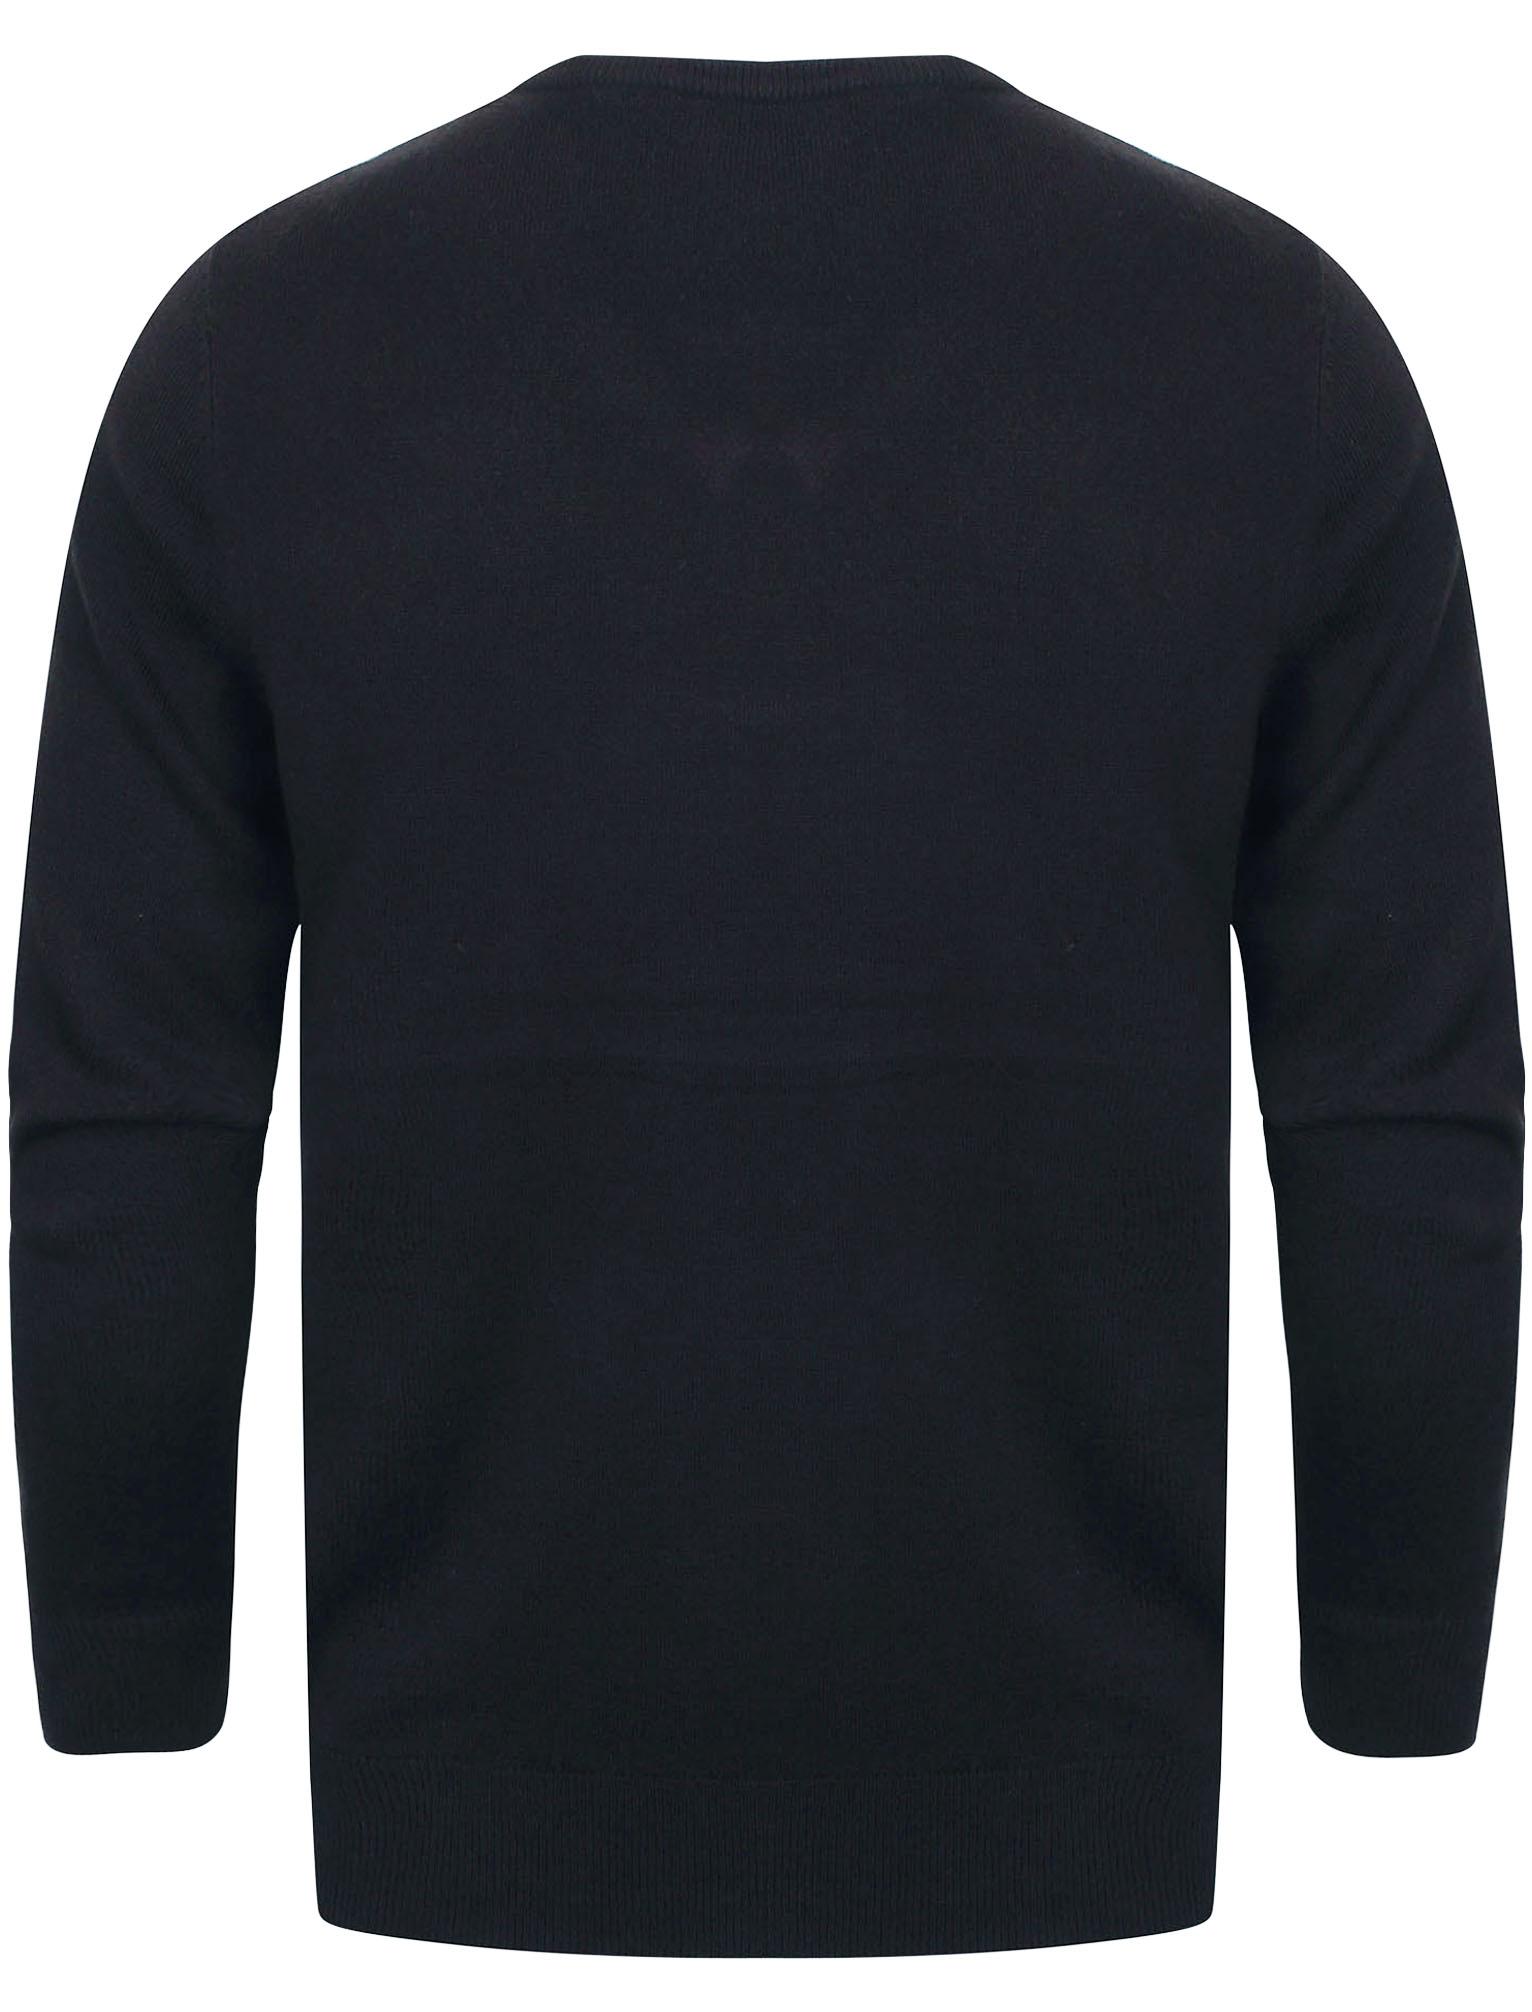 Kensington-Eastside-Men-039-s-Knitted-Crew-or-V-Neck-Jumper-Sweater-Top-Pullover thumbnail 98